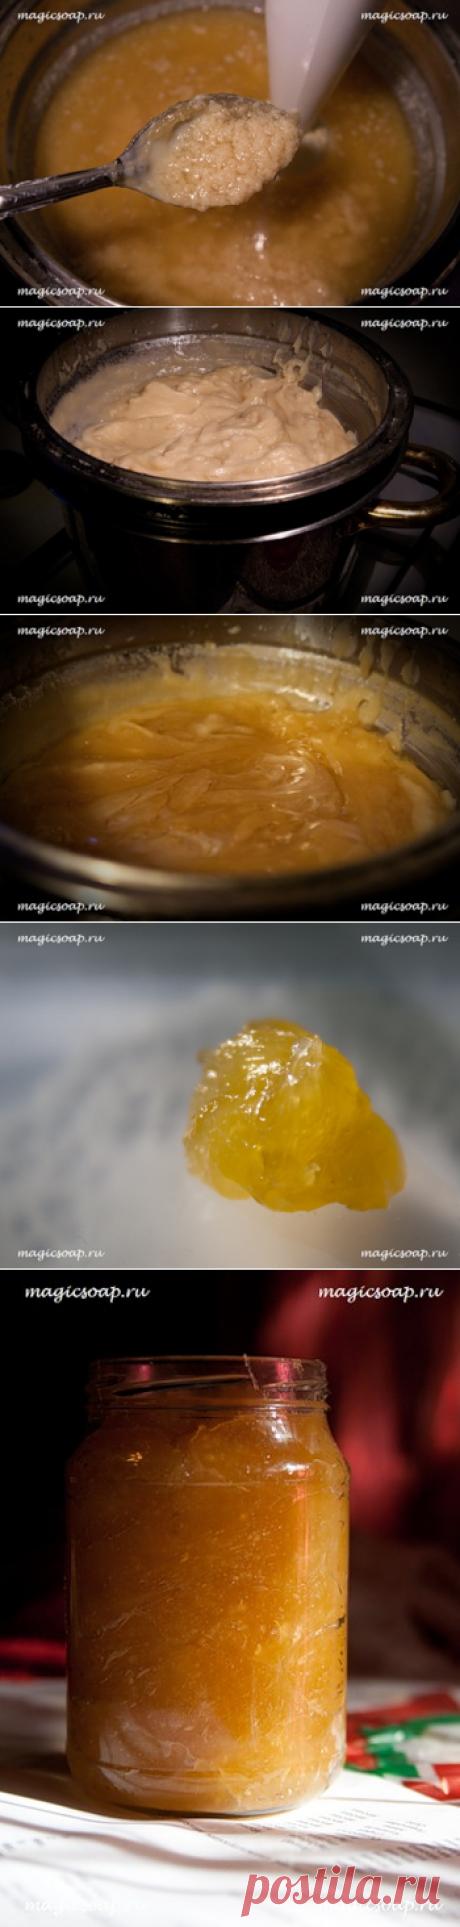 Мастер-класс: жидкое мыло на KOH (гидроксиде калия) с нуля! Калийное мыло